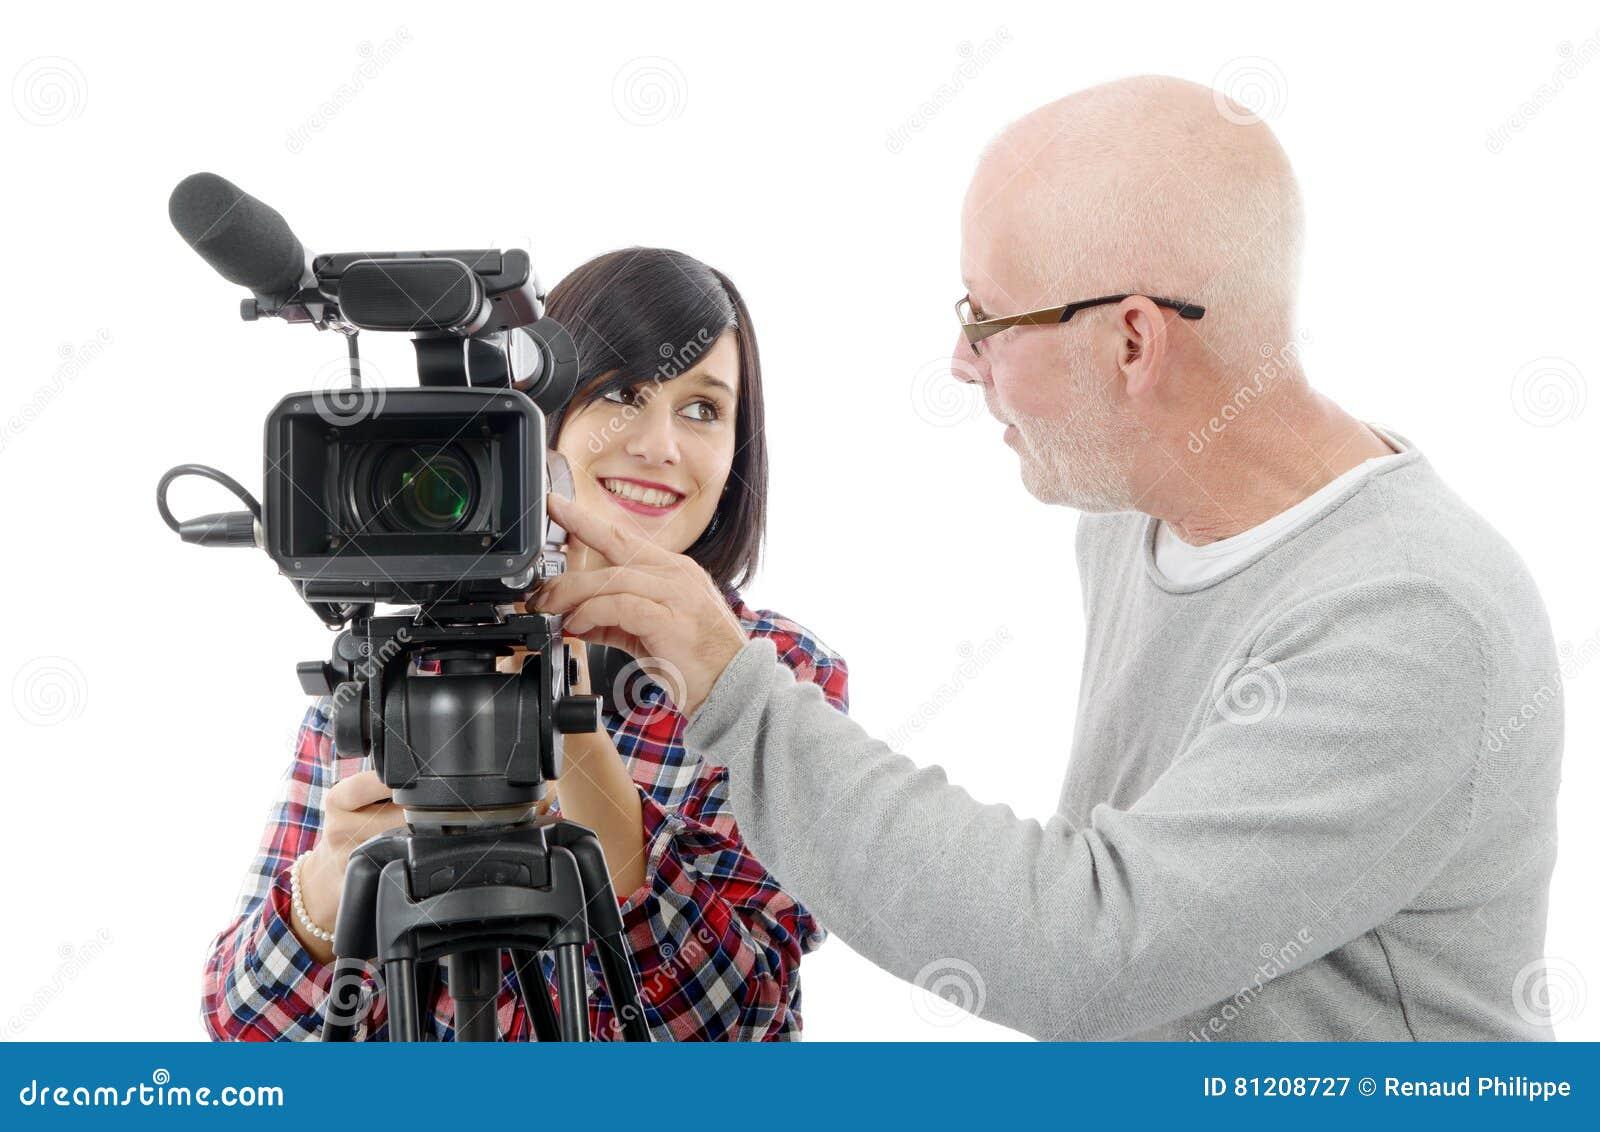 guess Ebenholz Lesben Porno-Videos kind where you